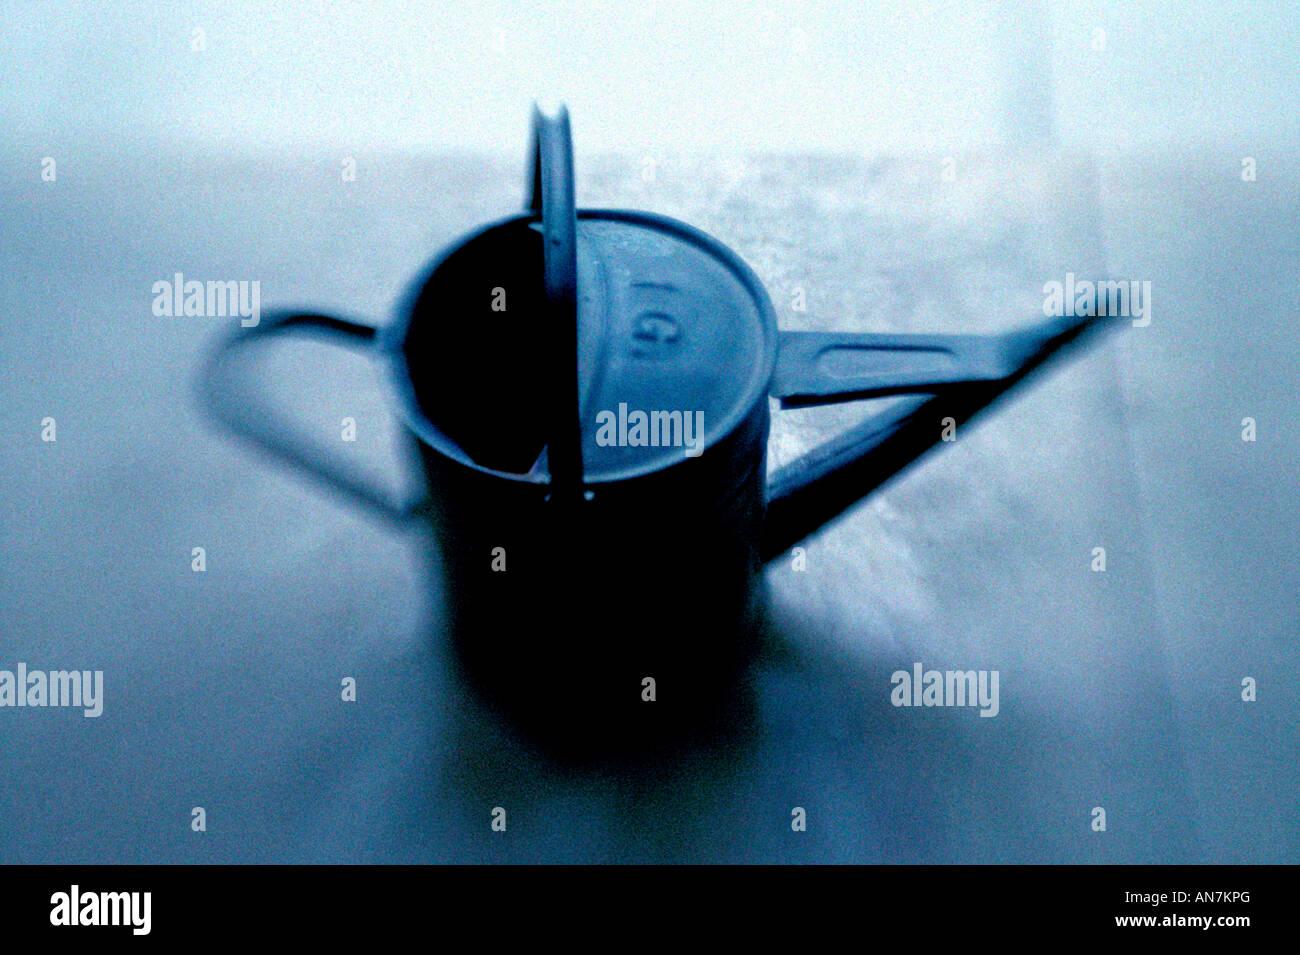 traditionelle verzinkt Stahl Gießkanne Blau Ton und verschwommen hält 1 Gallone Stockbild